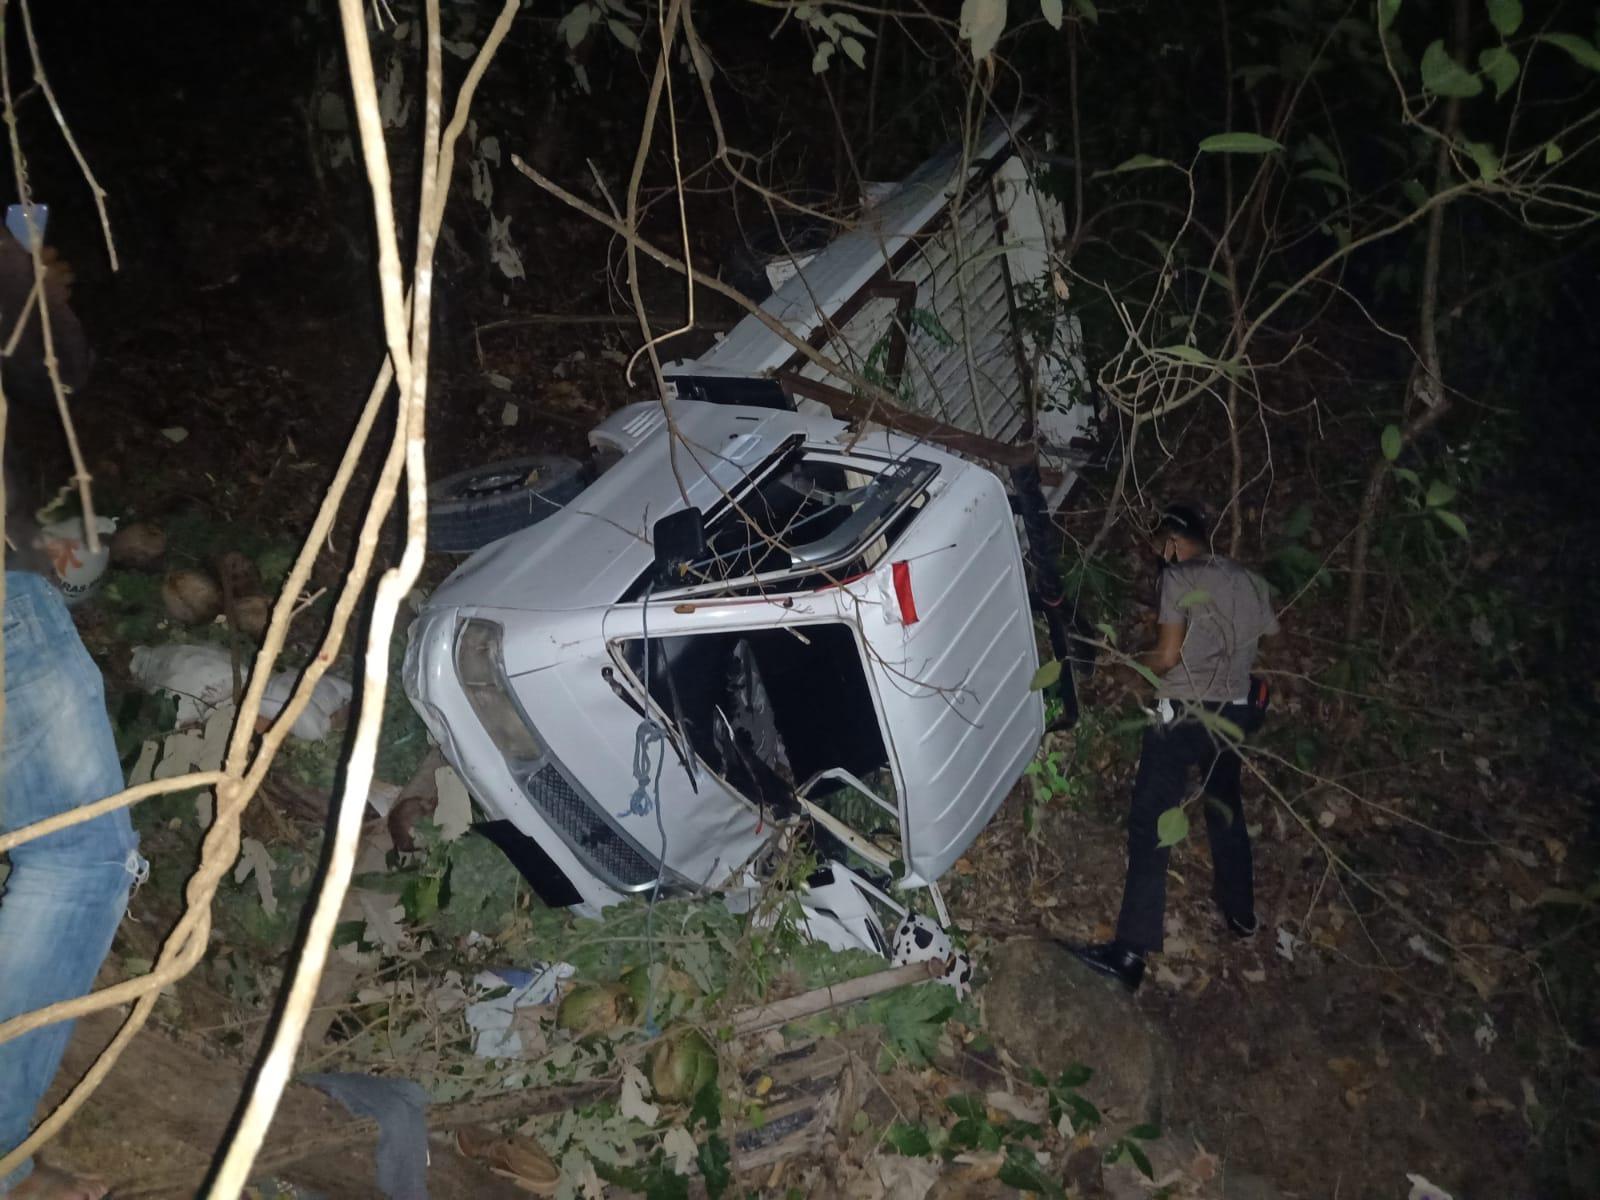 Mobil Pick Up terjungkal di Dusun Hepang, Desa Nenbura, Kecamatan Bola, Selasa (31/08/2021). Foto: Dok. Polsek Bola